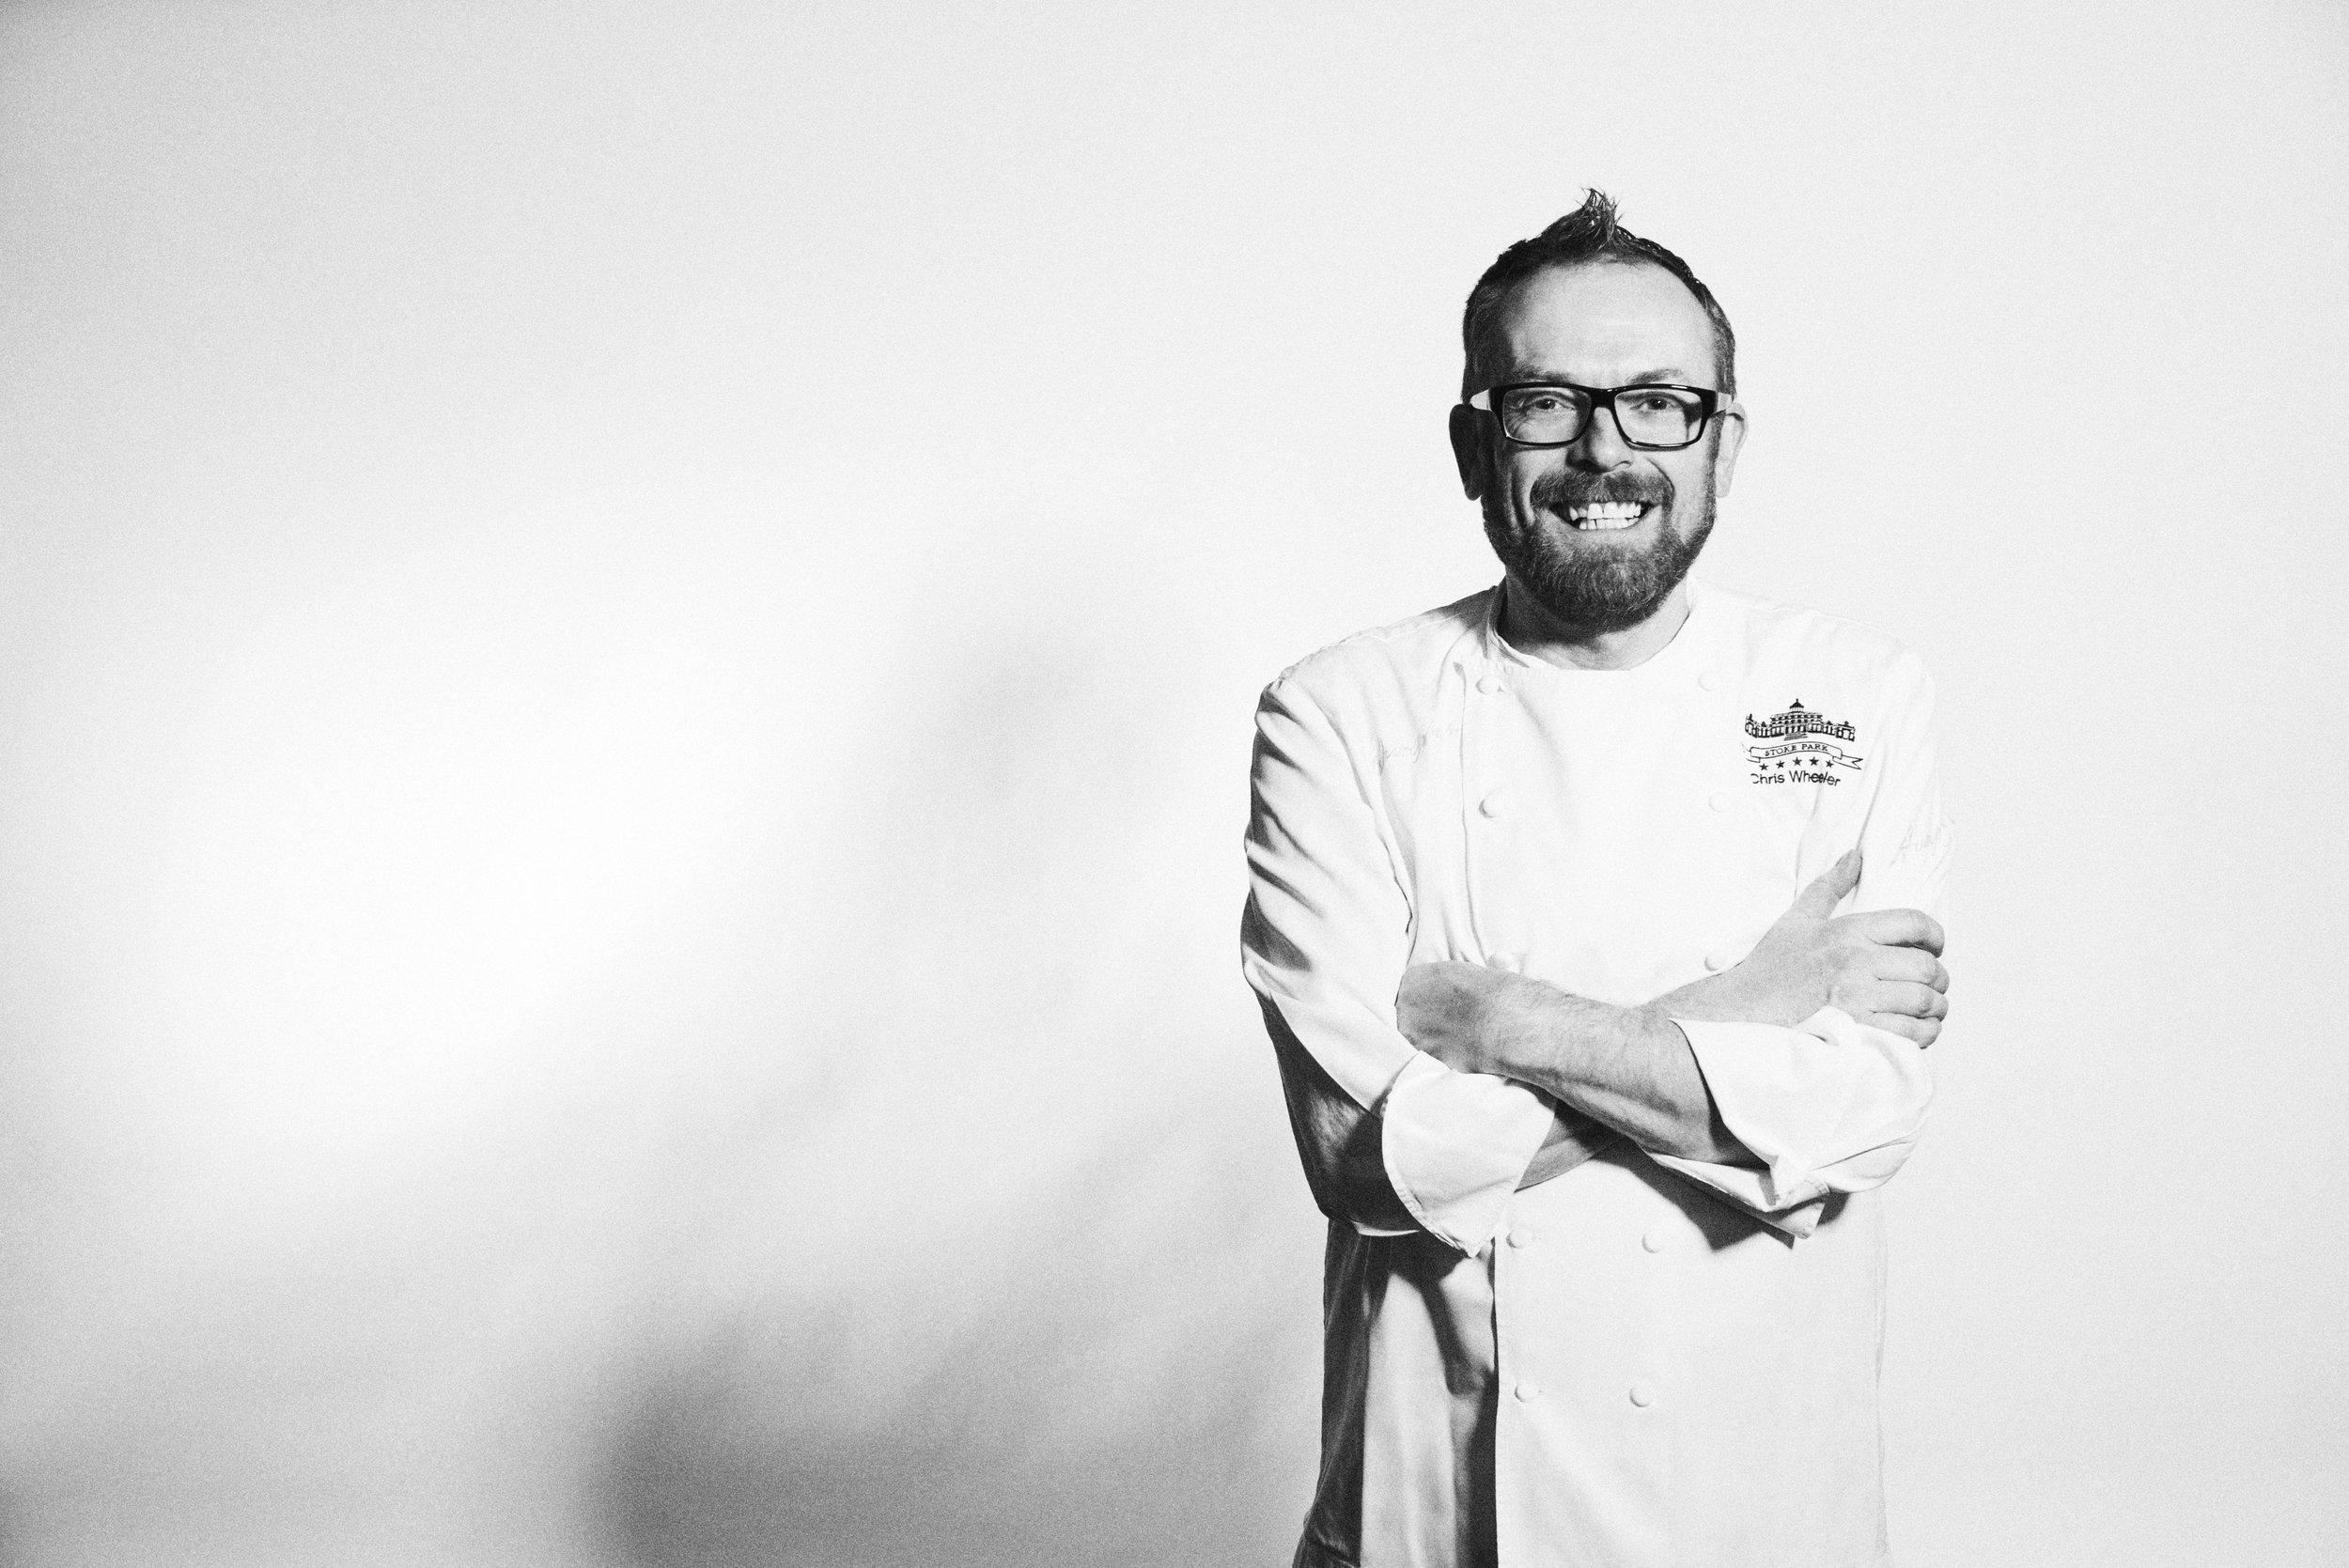 StokePark_Feb17_Chef12_B&W.jpg